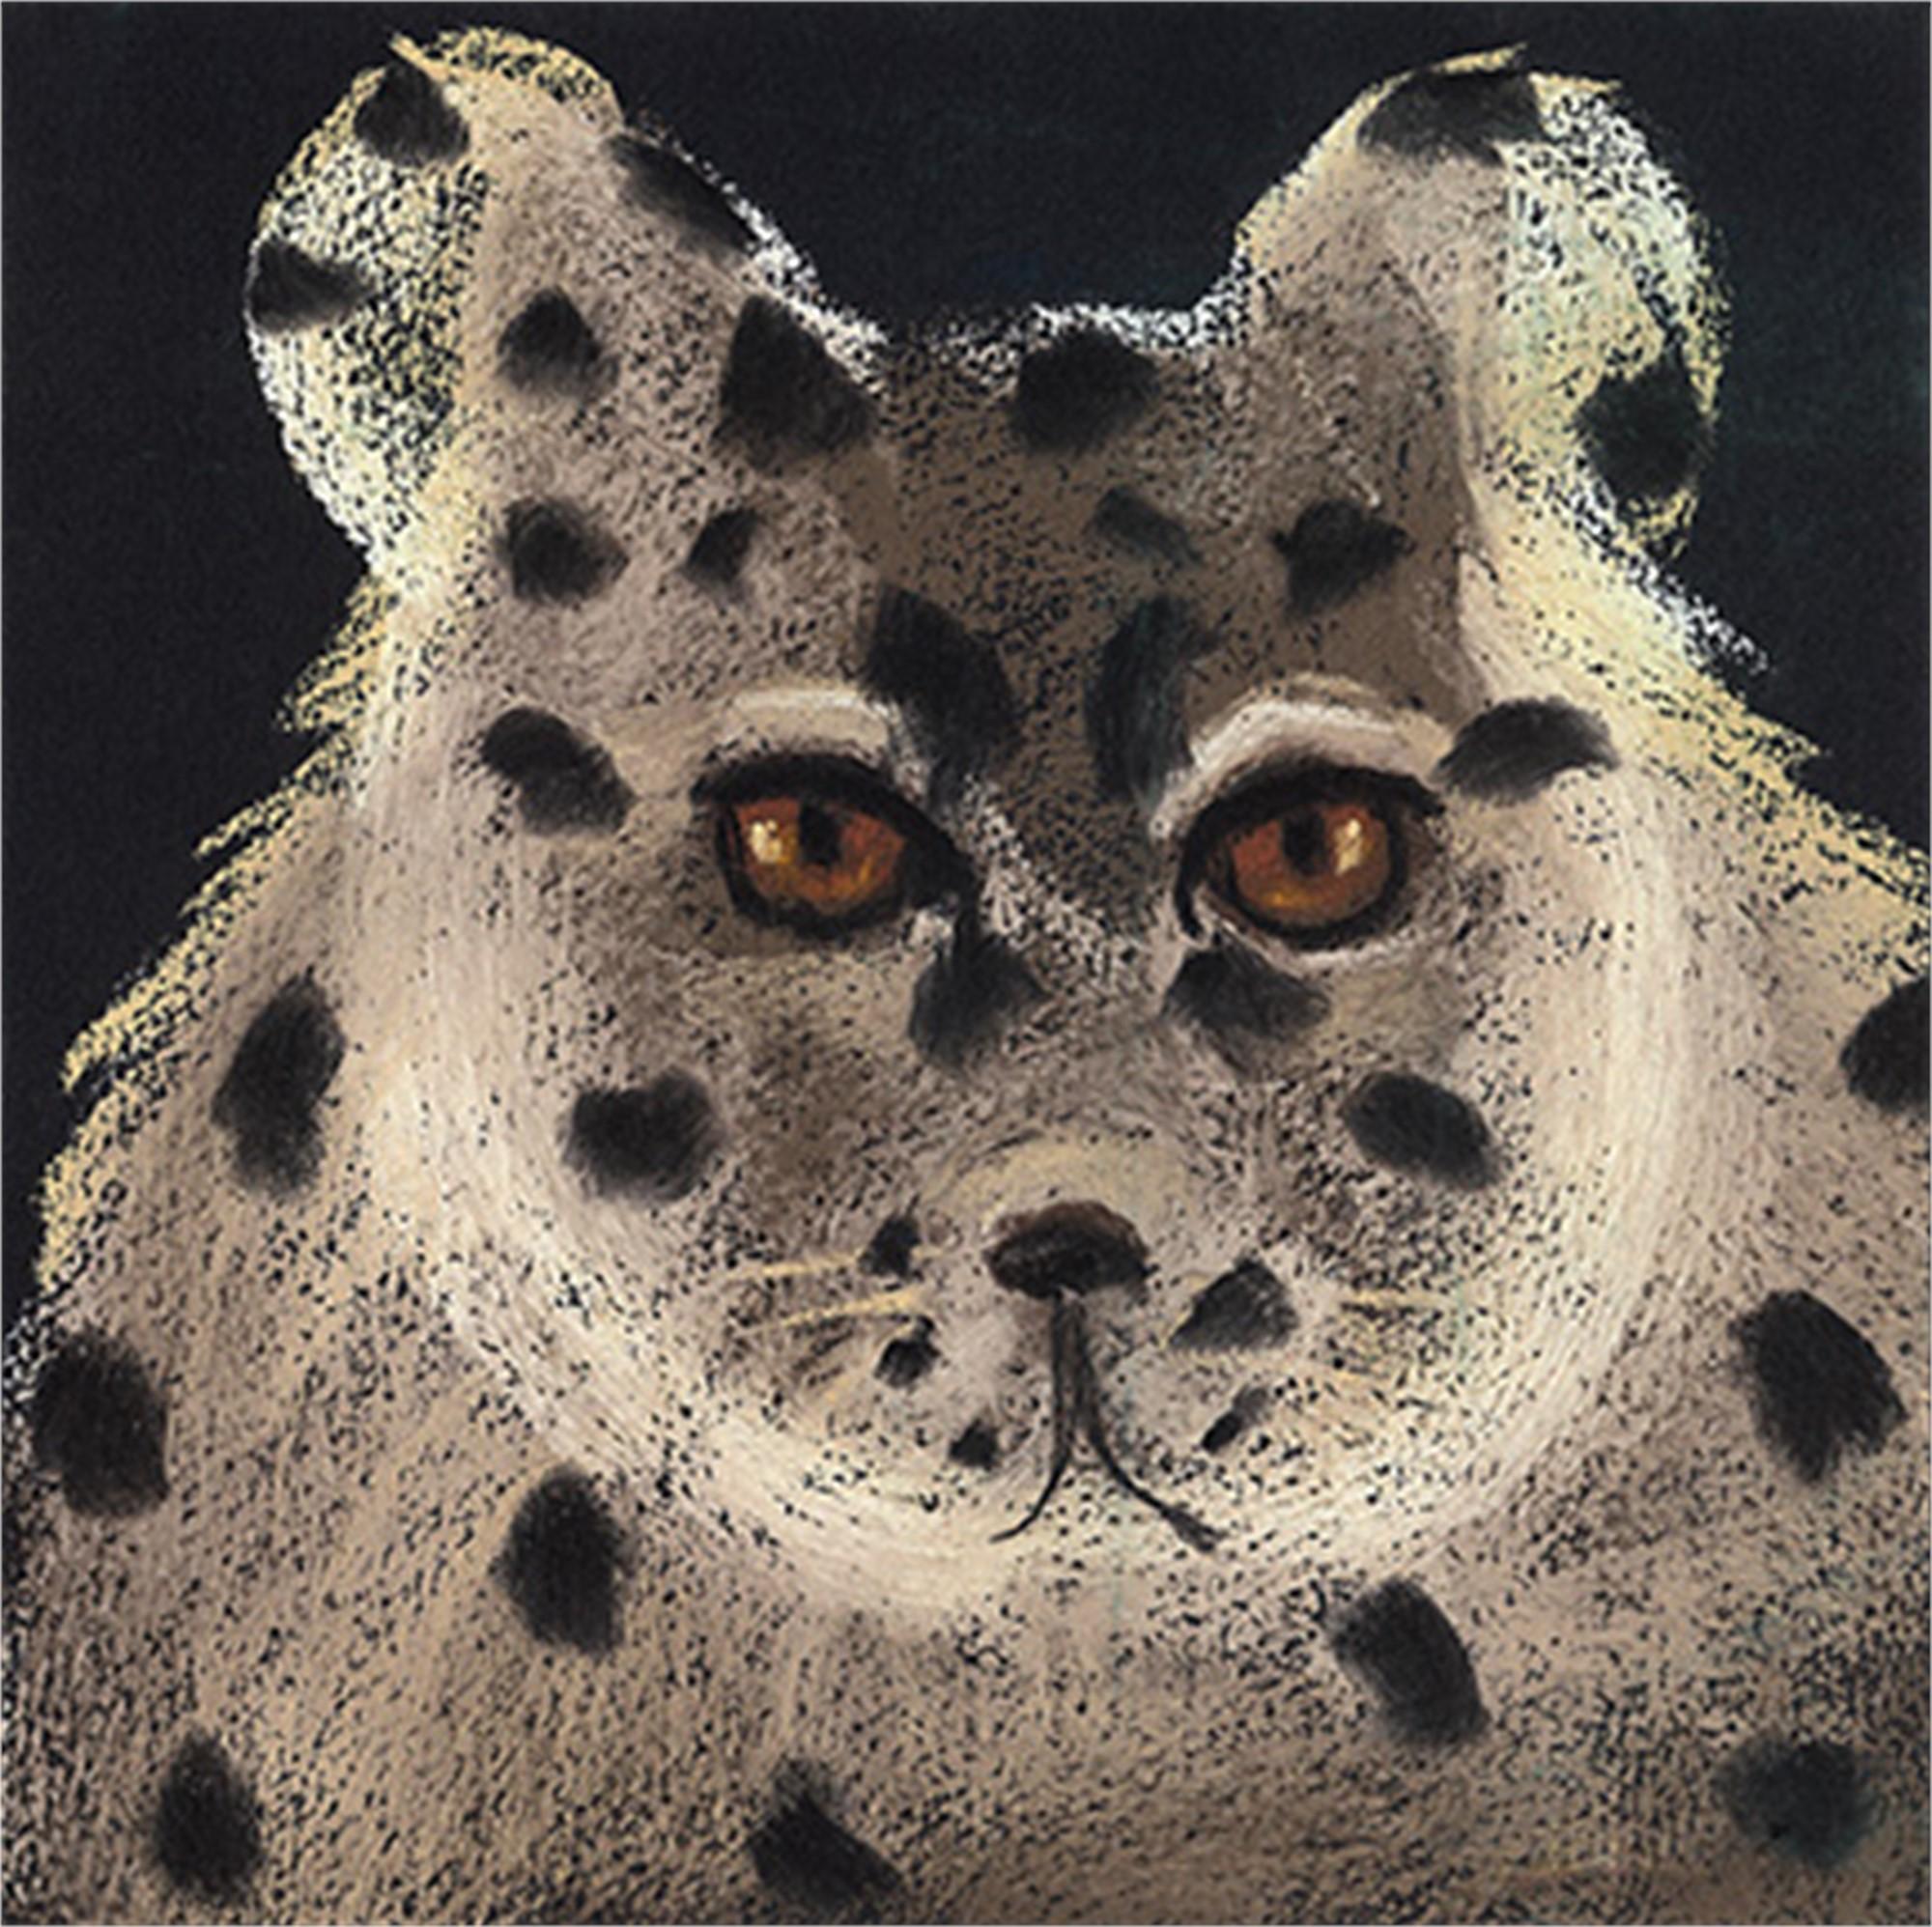 Snow Leopard by Carole LaRoche